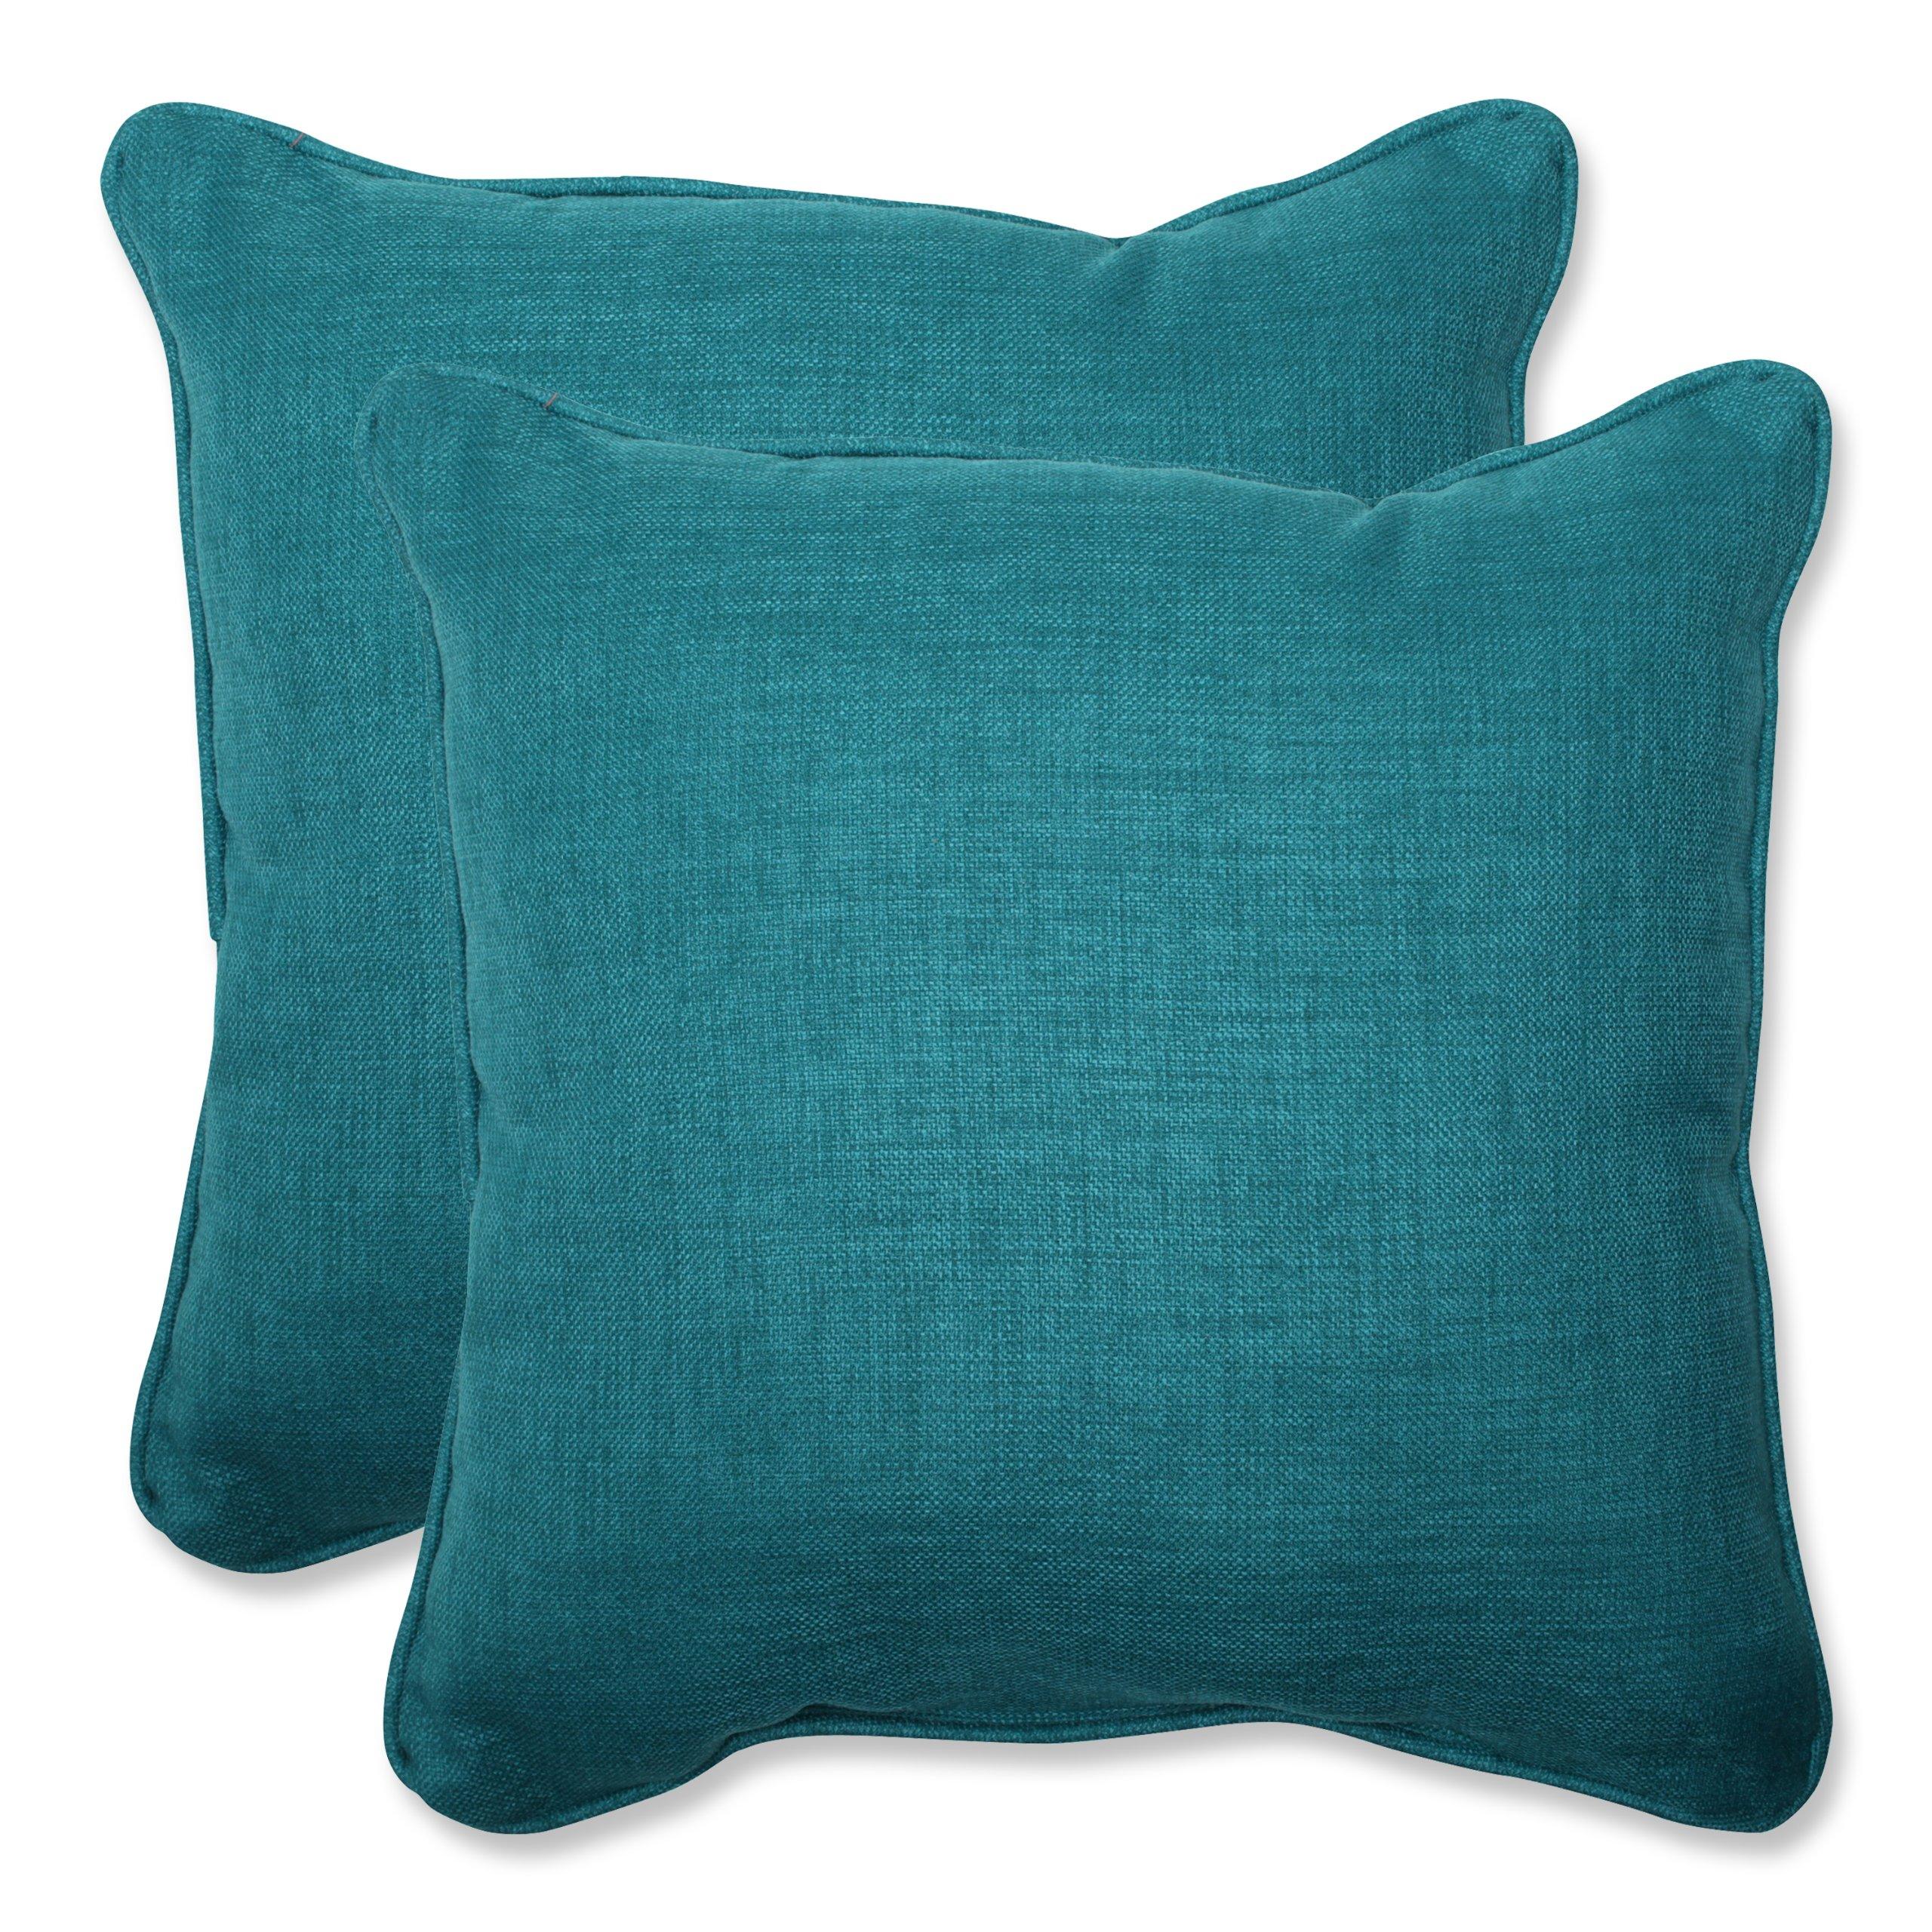 Pillow Perfect Outdoor Rave Teal Throw Pillow, Set